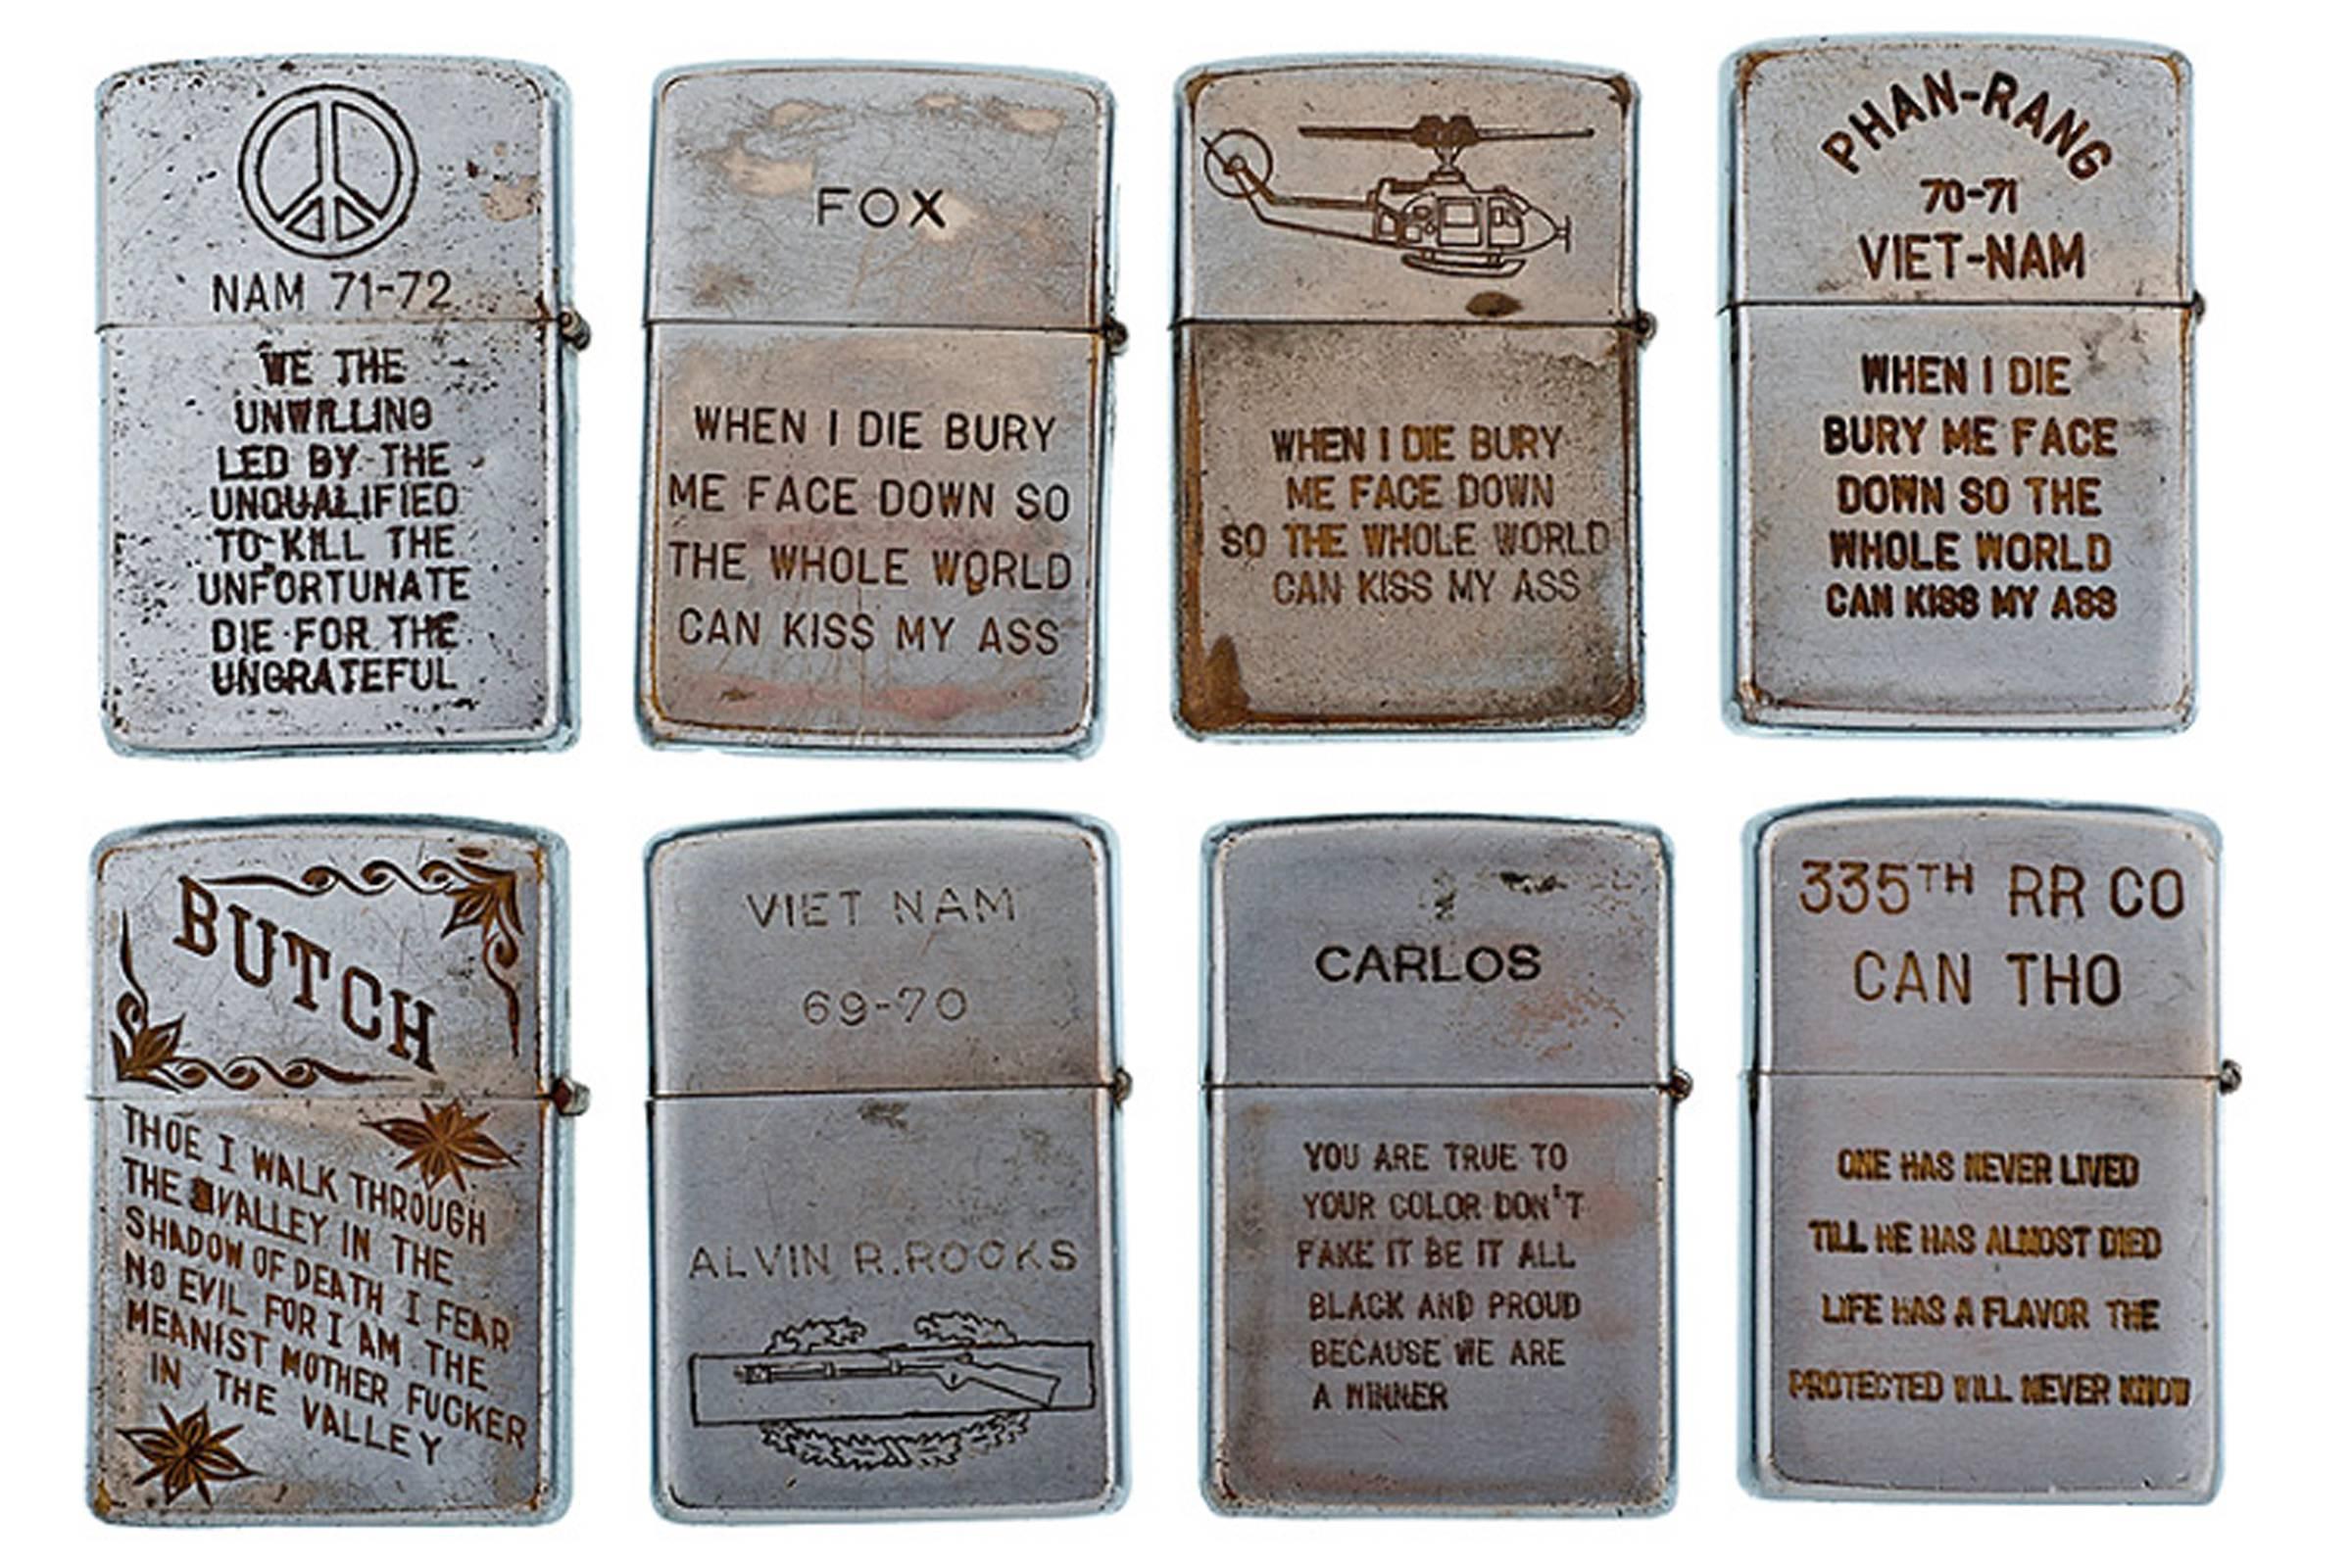 Customized Vietnam War-era Zippo lighters